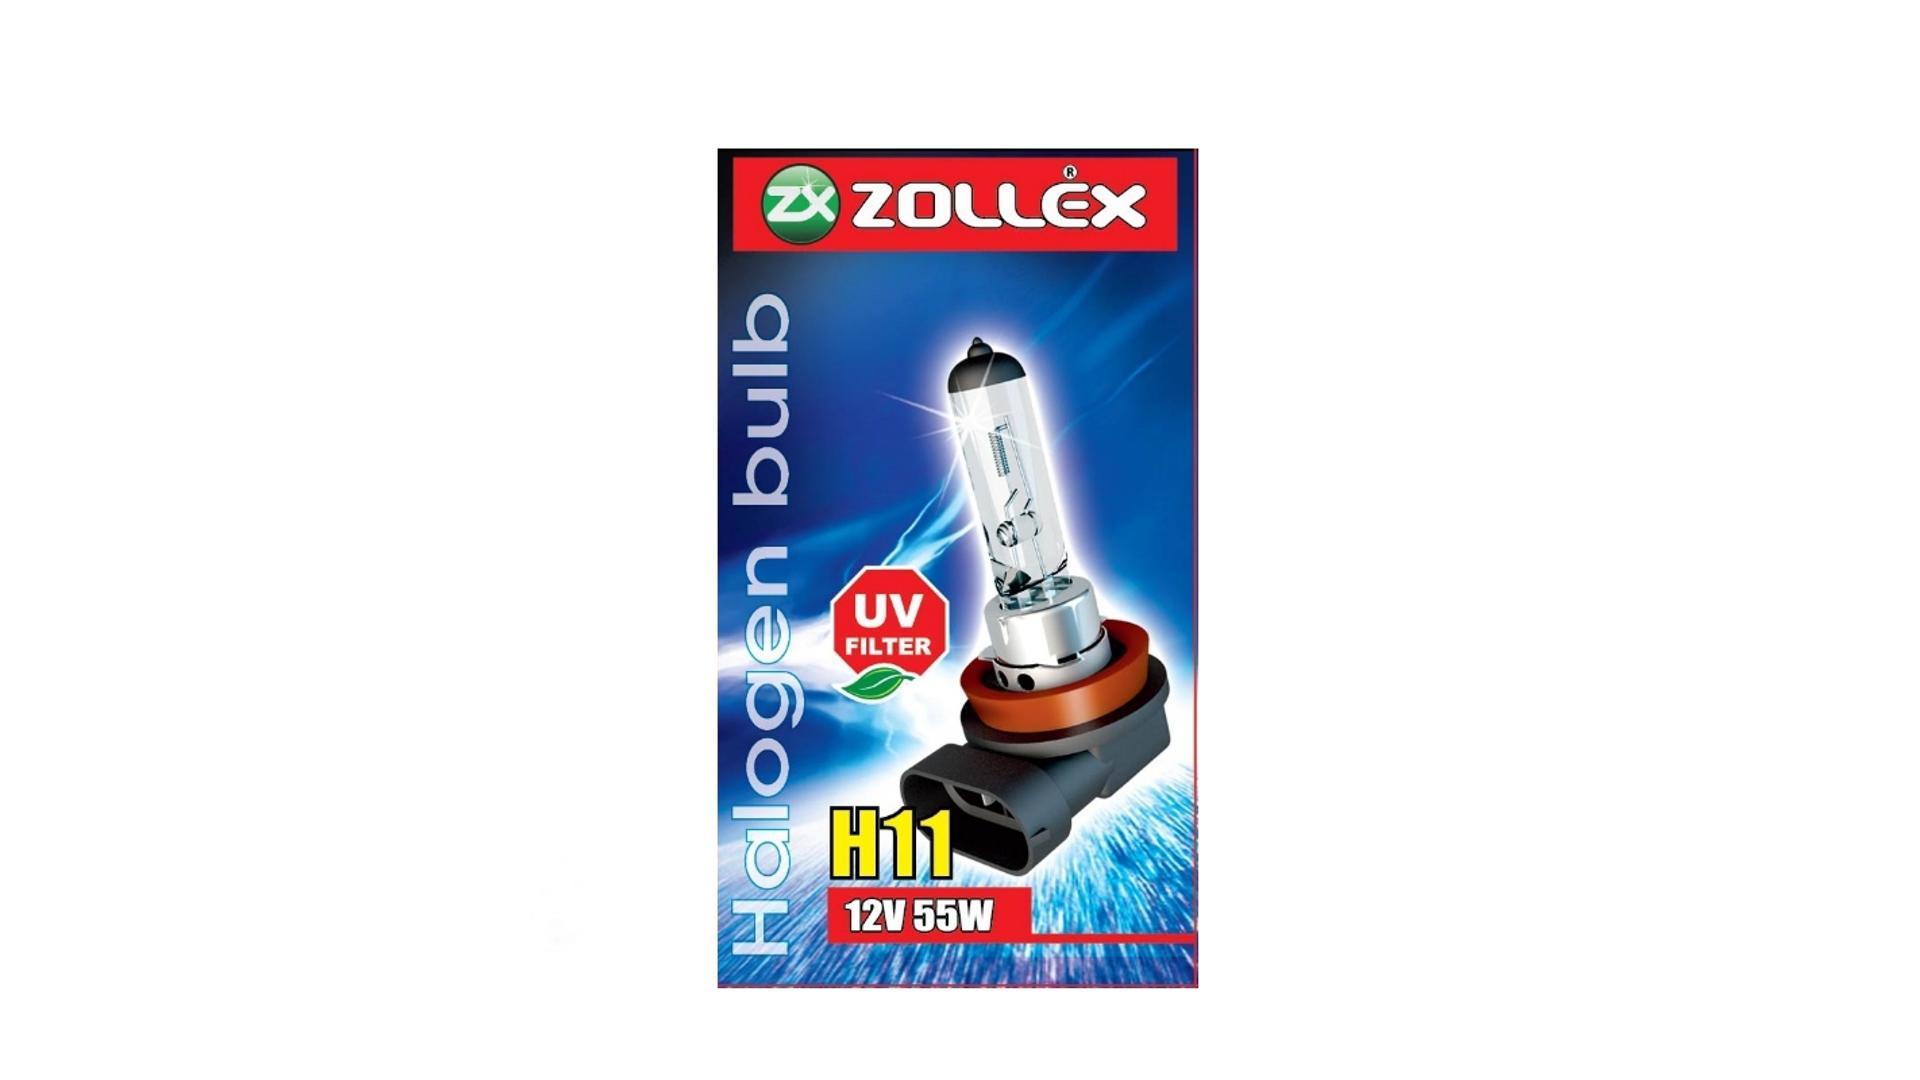 ZOLLEX Halogénová žiarovka H11 12V 55W pure vision (blue) 59524